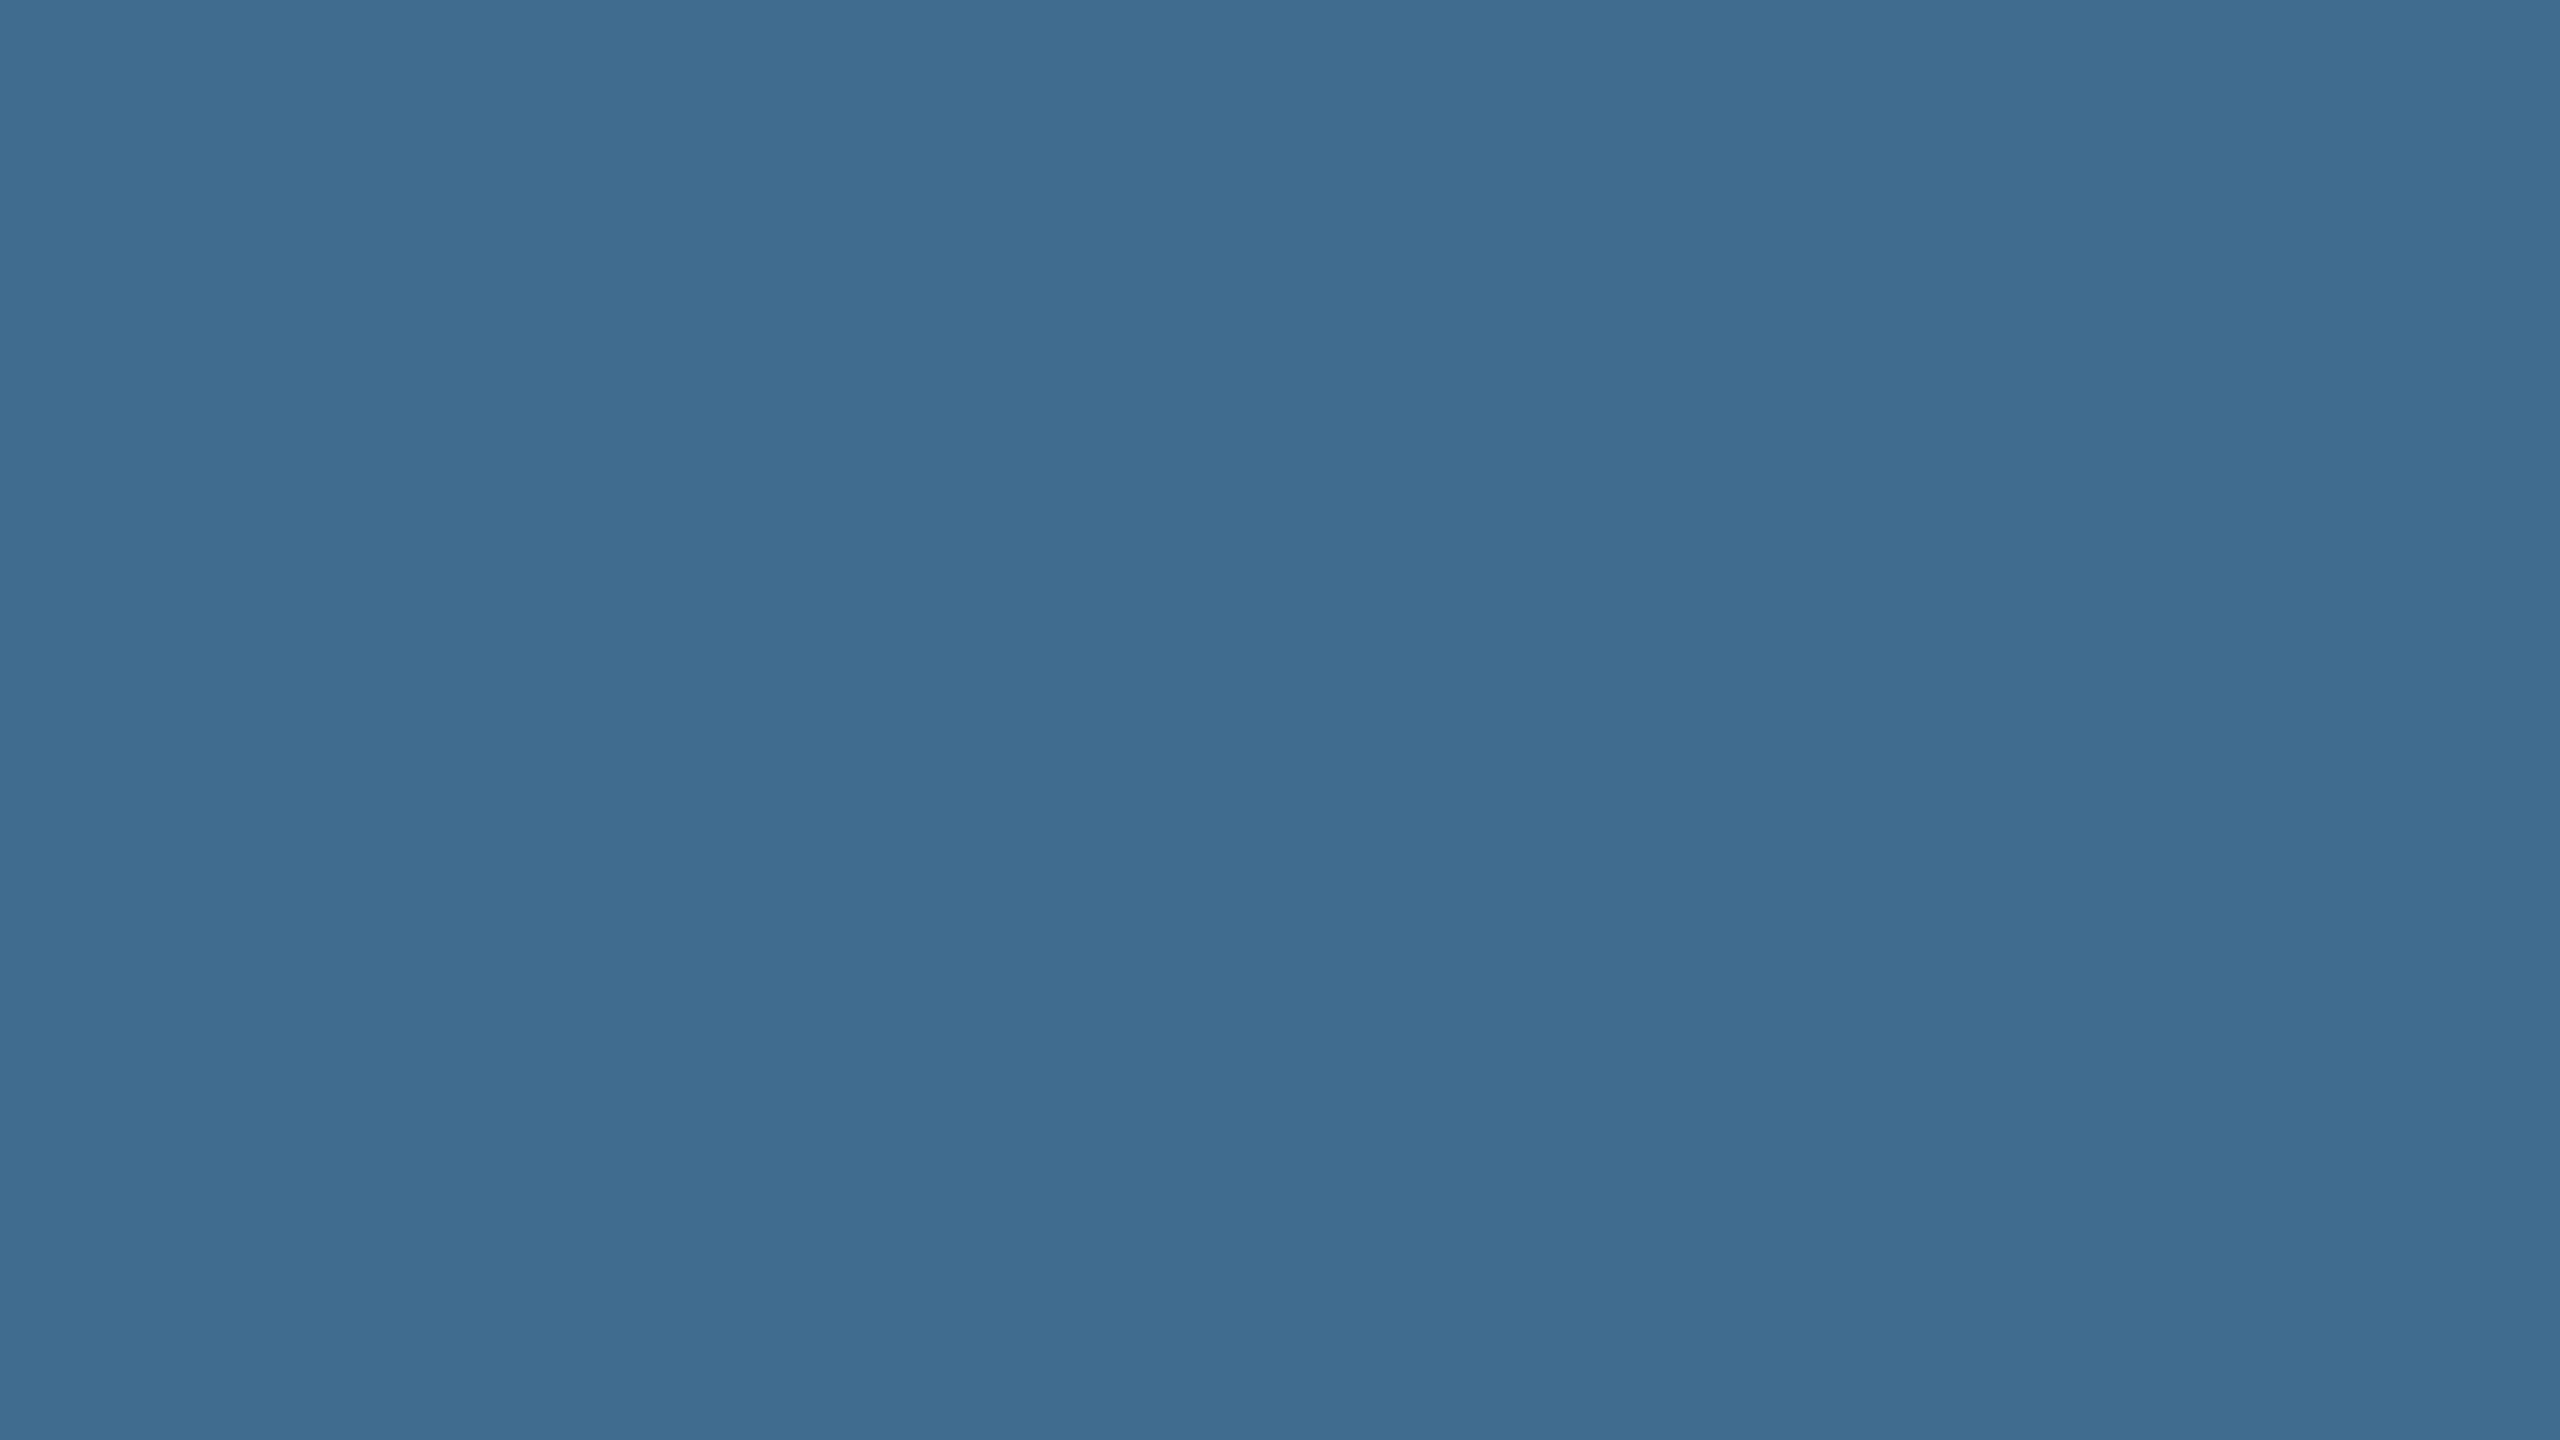 Navy Blue Wallpaper 7641